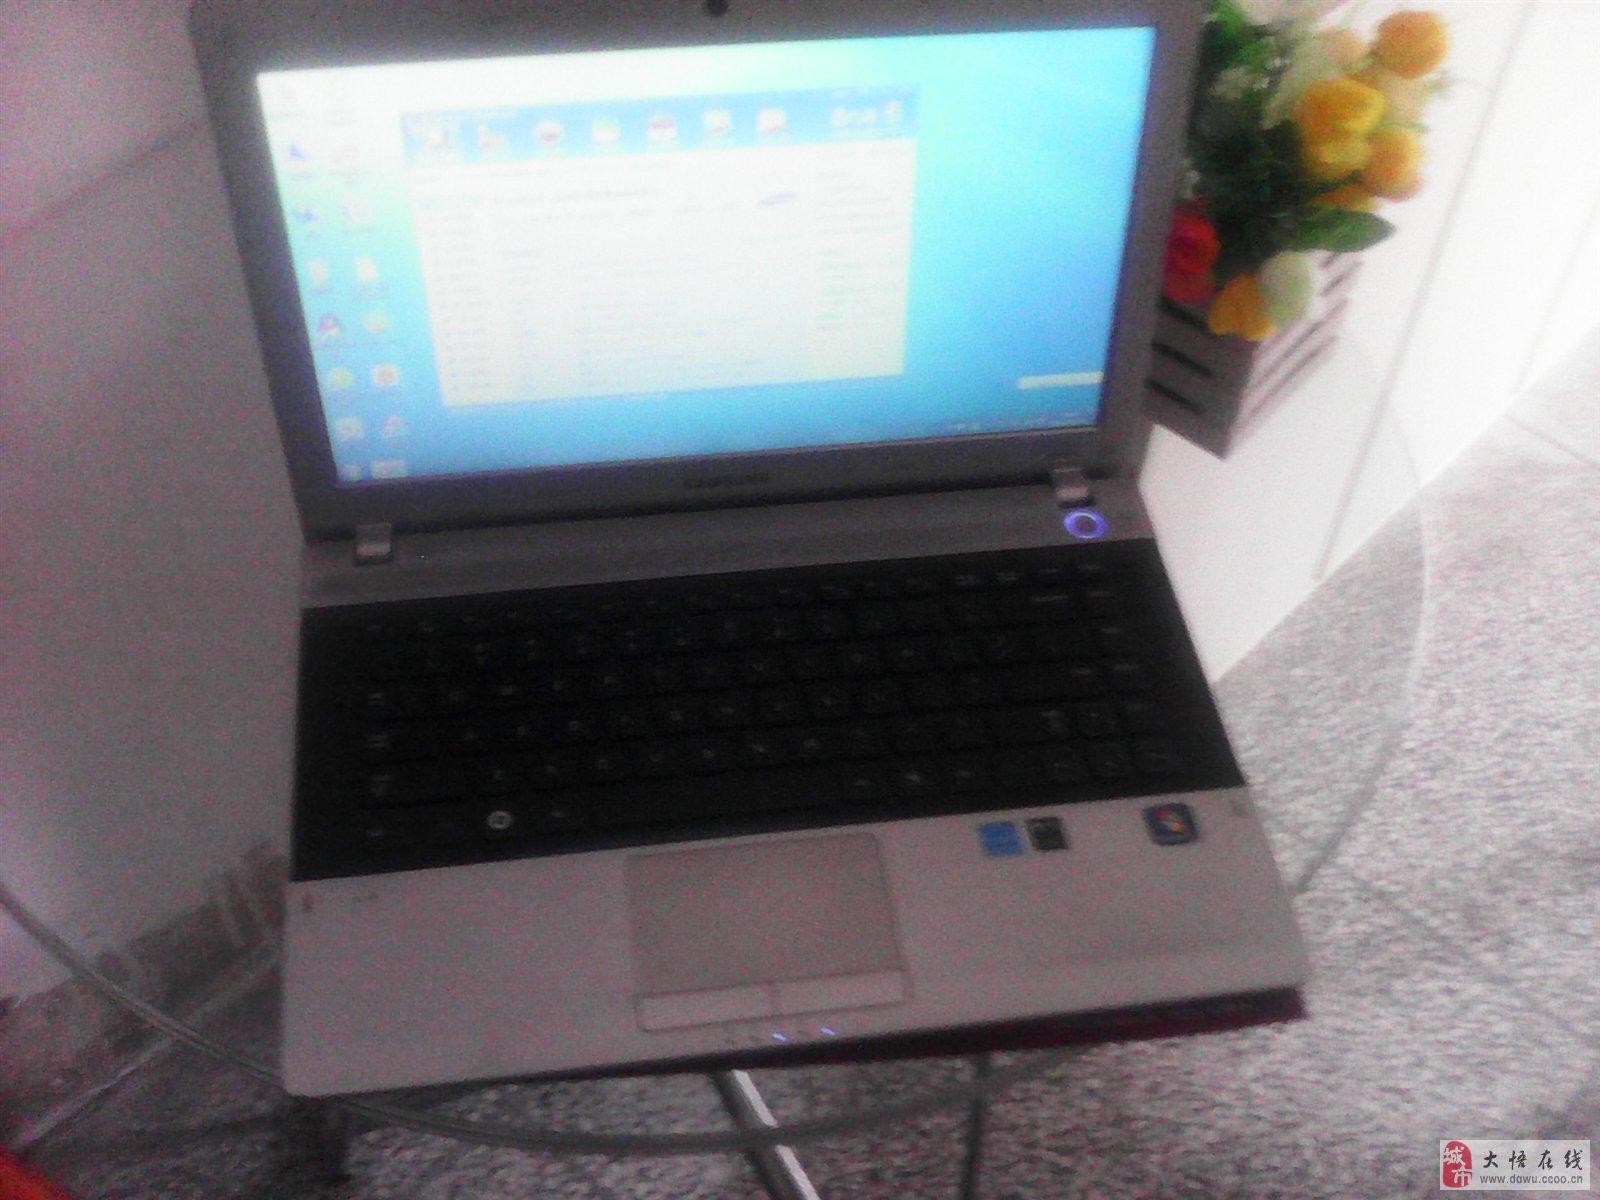 出售三星14寸笔记本电脑